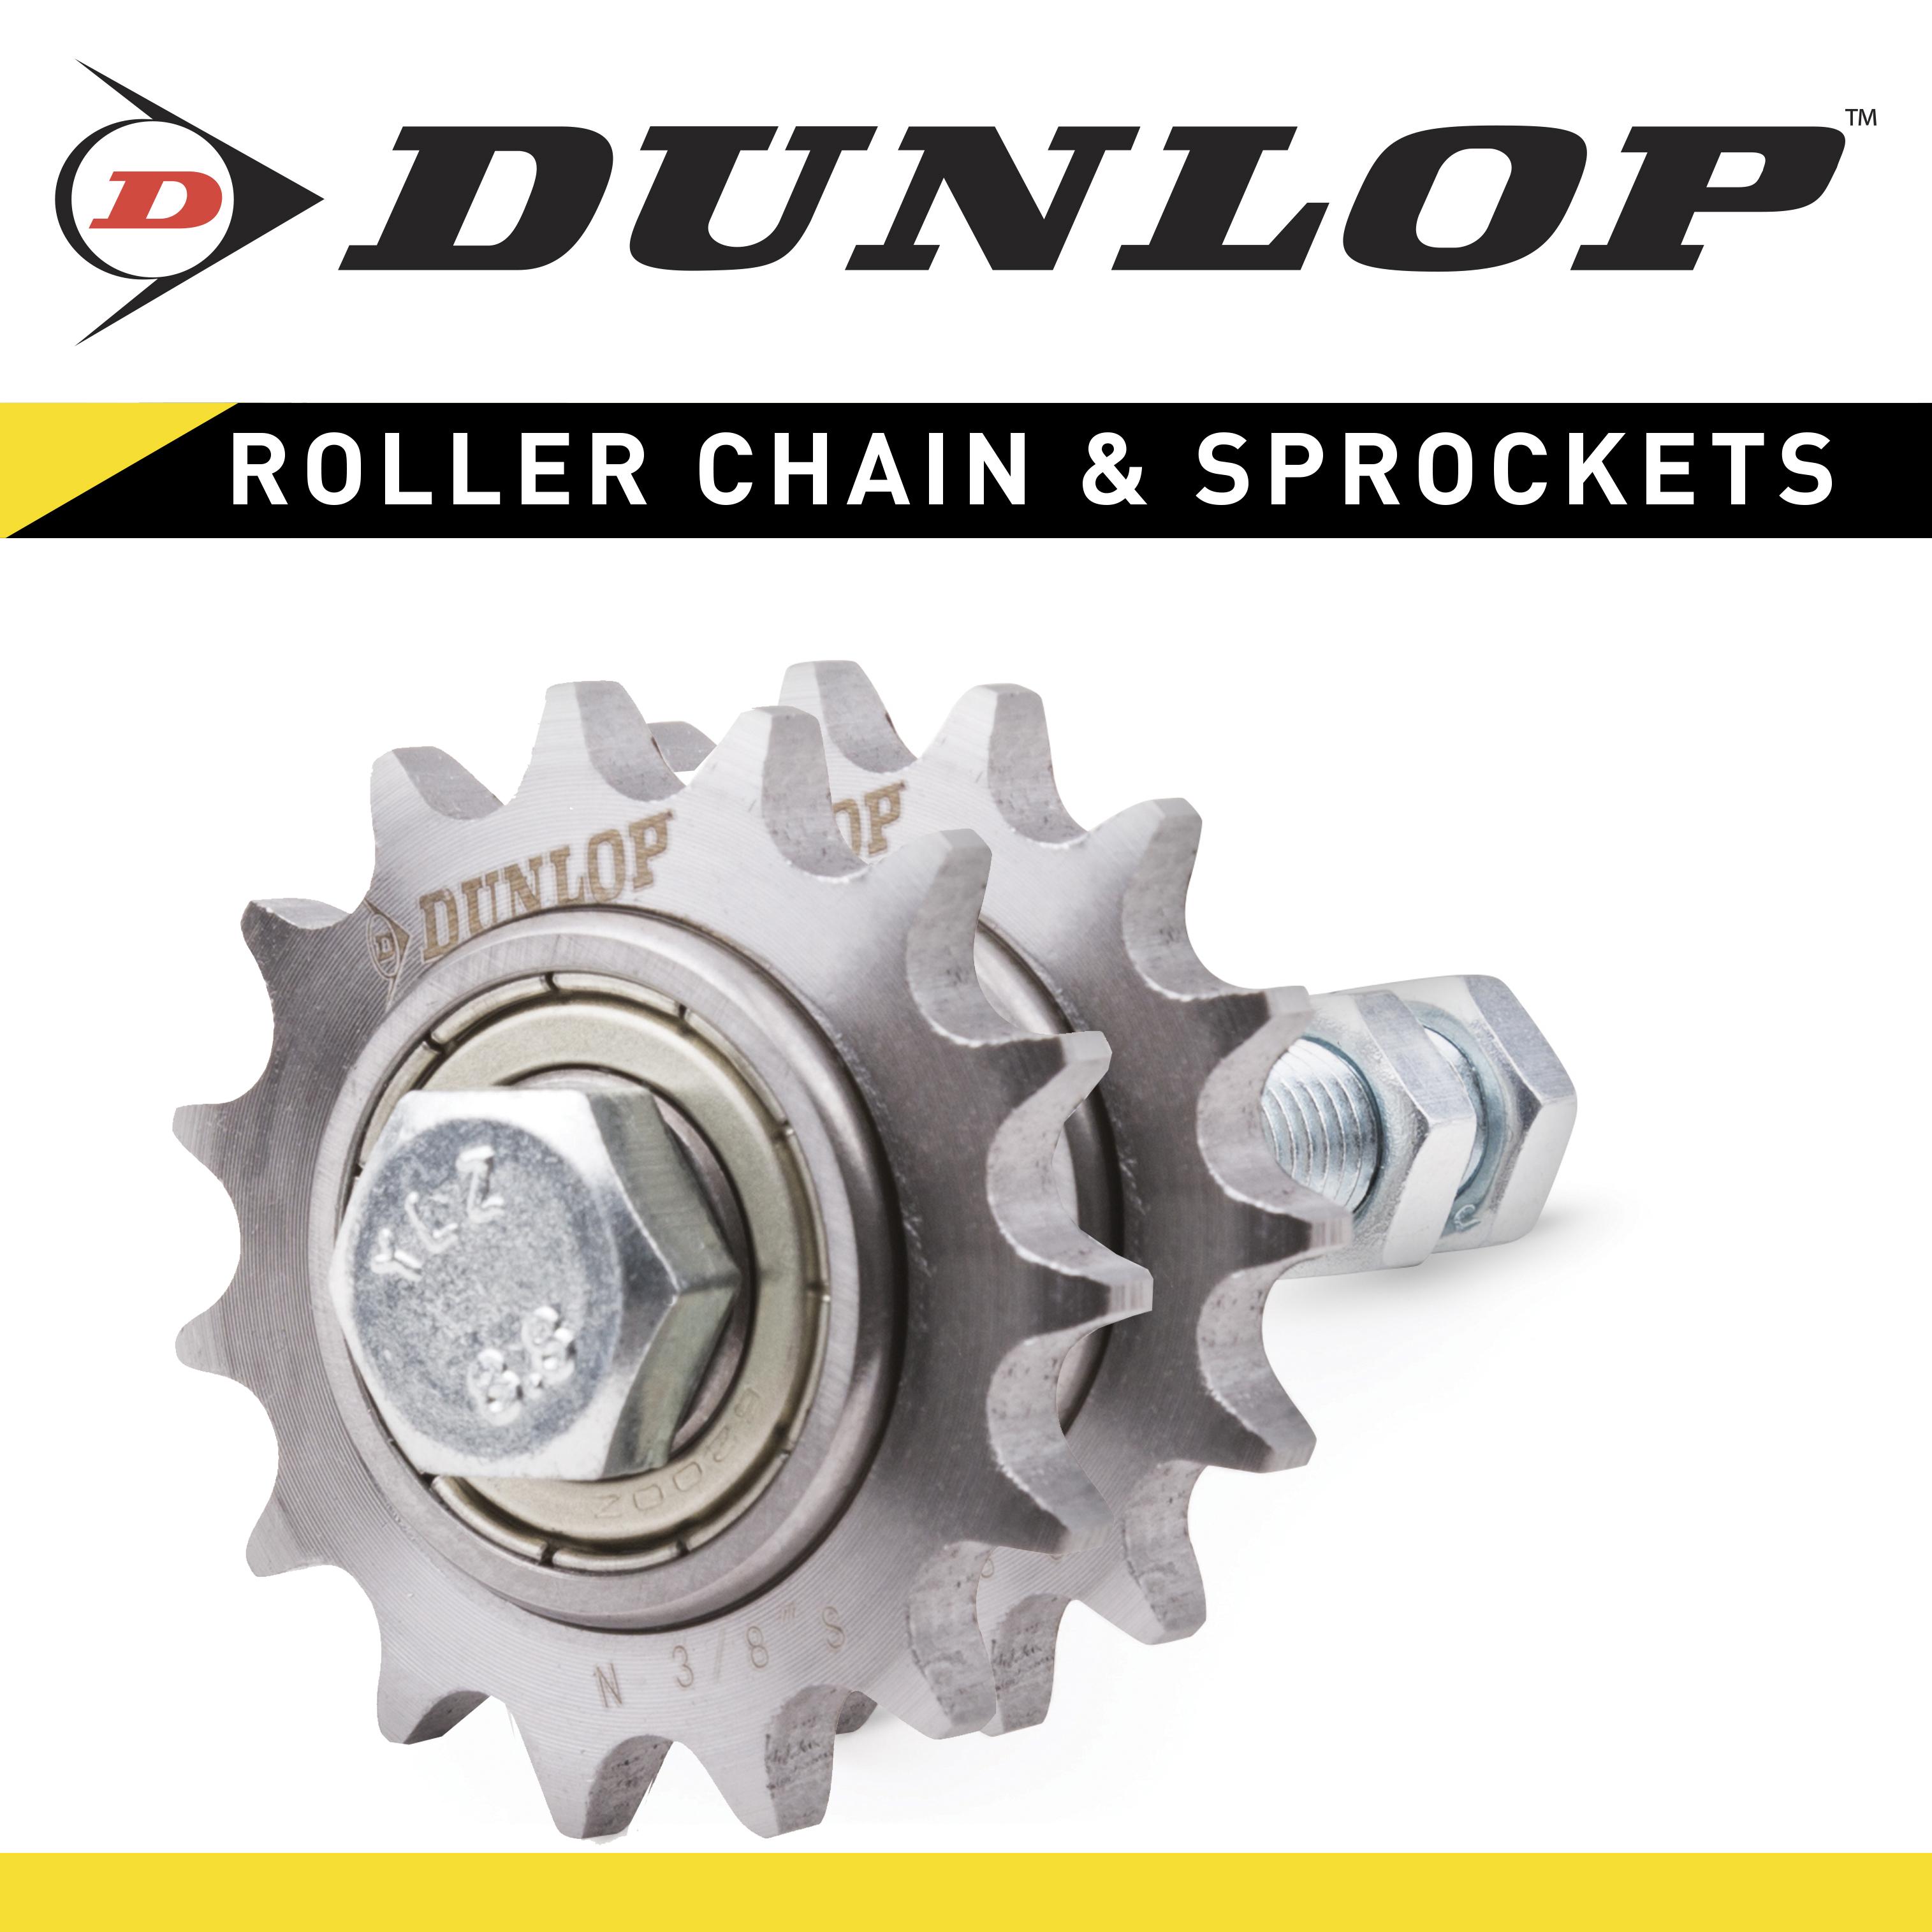 N3//8-10S Dunlop Tensioner Idler Sprocket for Chain Drives